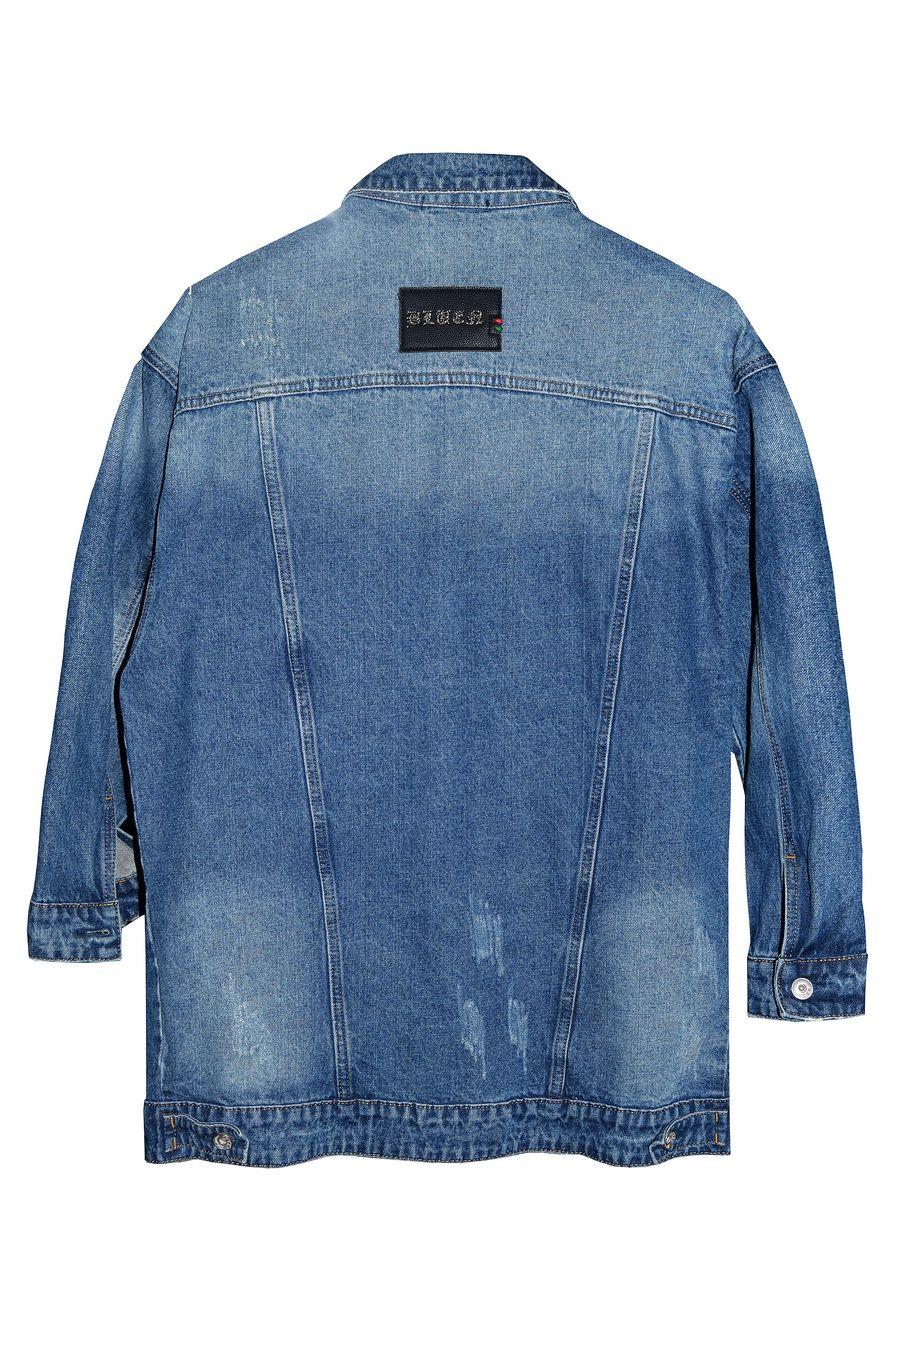 Пиджак женский (джинсовка) Blue Coco 118 - фото 2